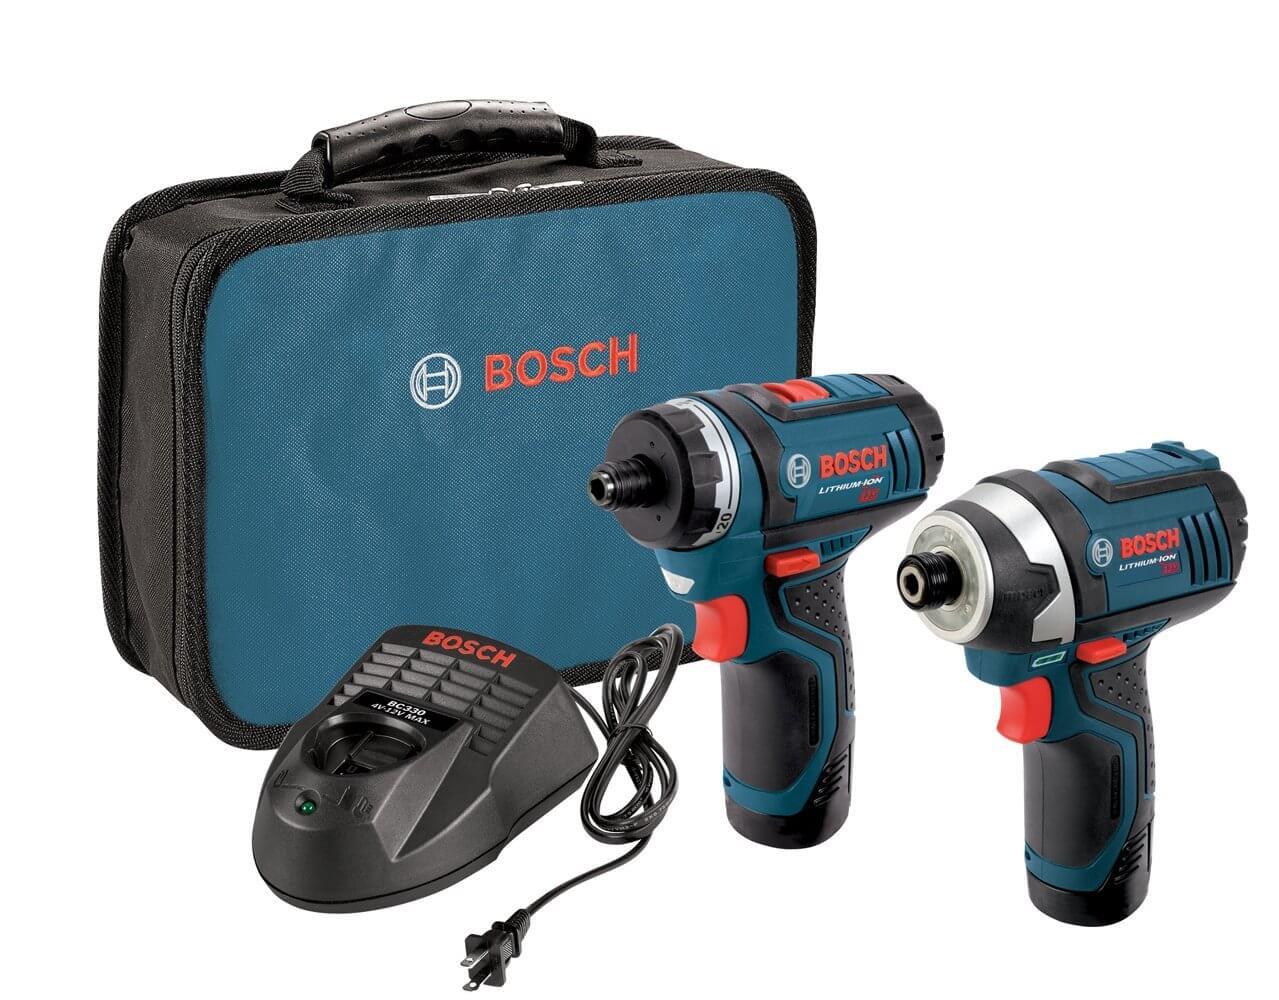 סט קומבו מברגות Bosch CLPK27 12V כולל 2 סוללות תיק ומטען